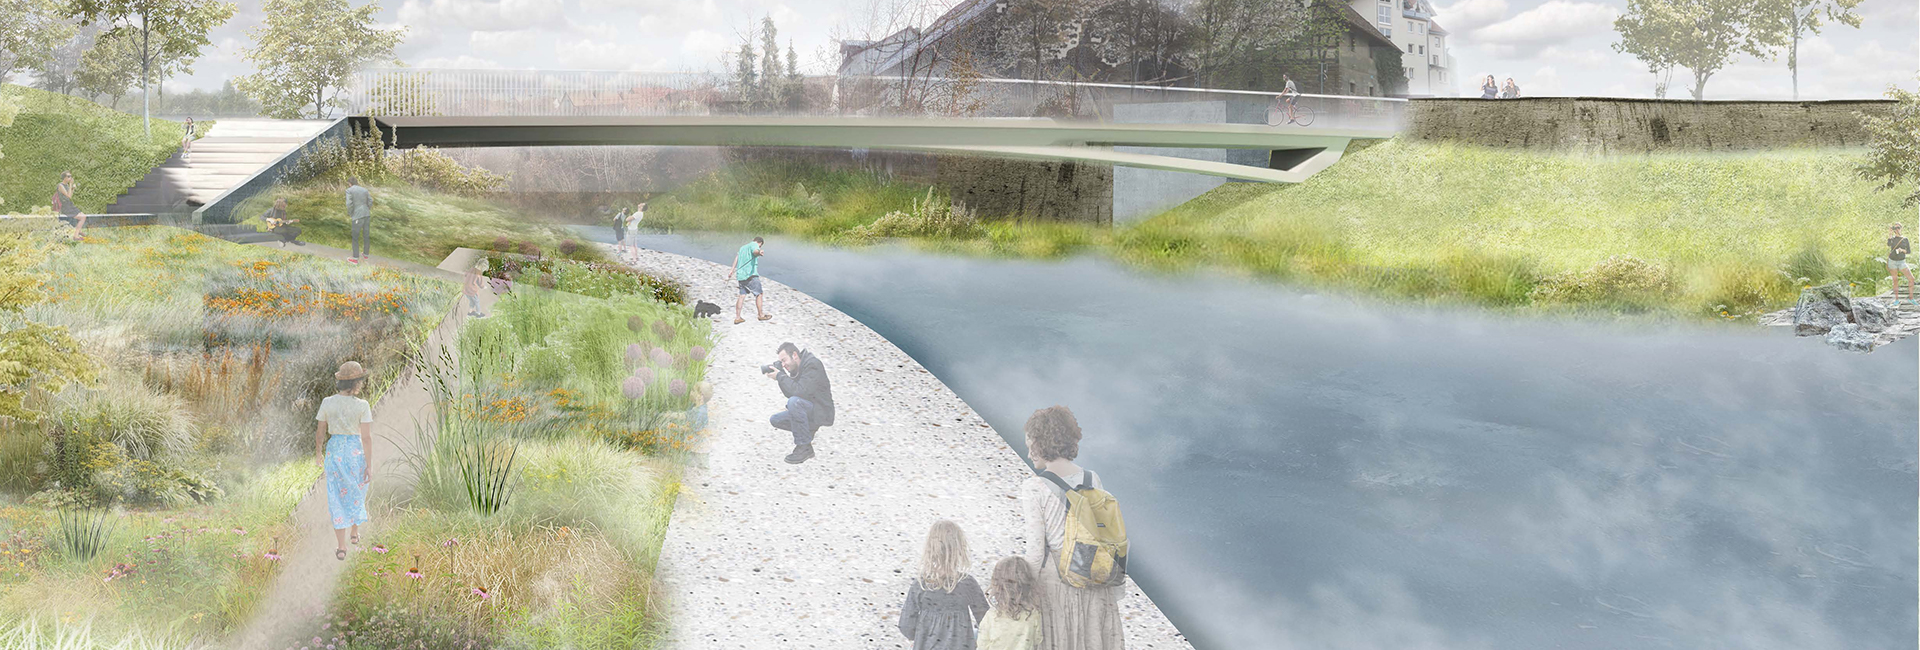 Zeichnung von Menschen, die auf einem Weg am Fluss entlang spazieren